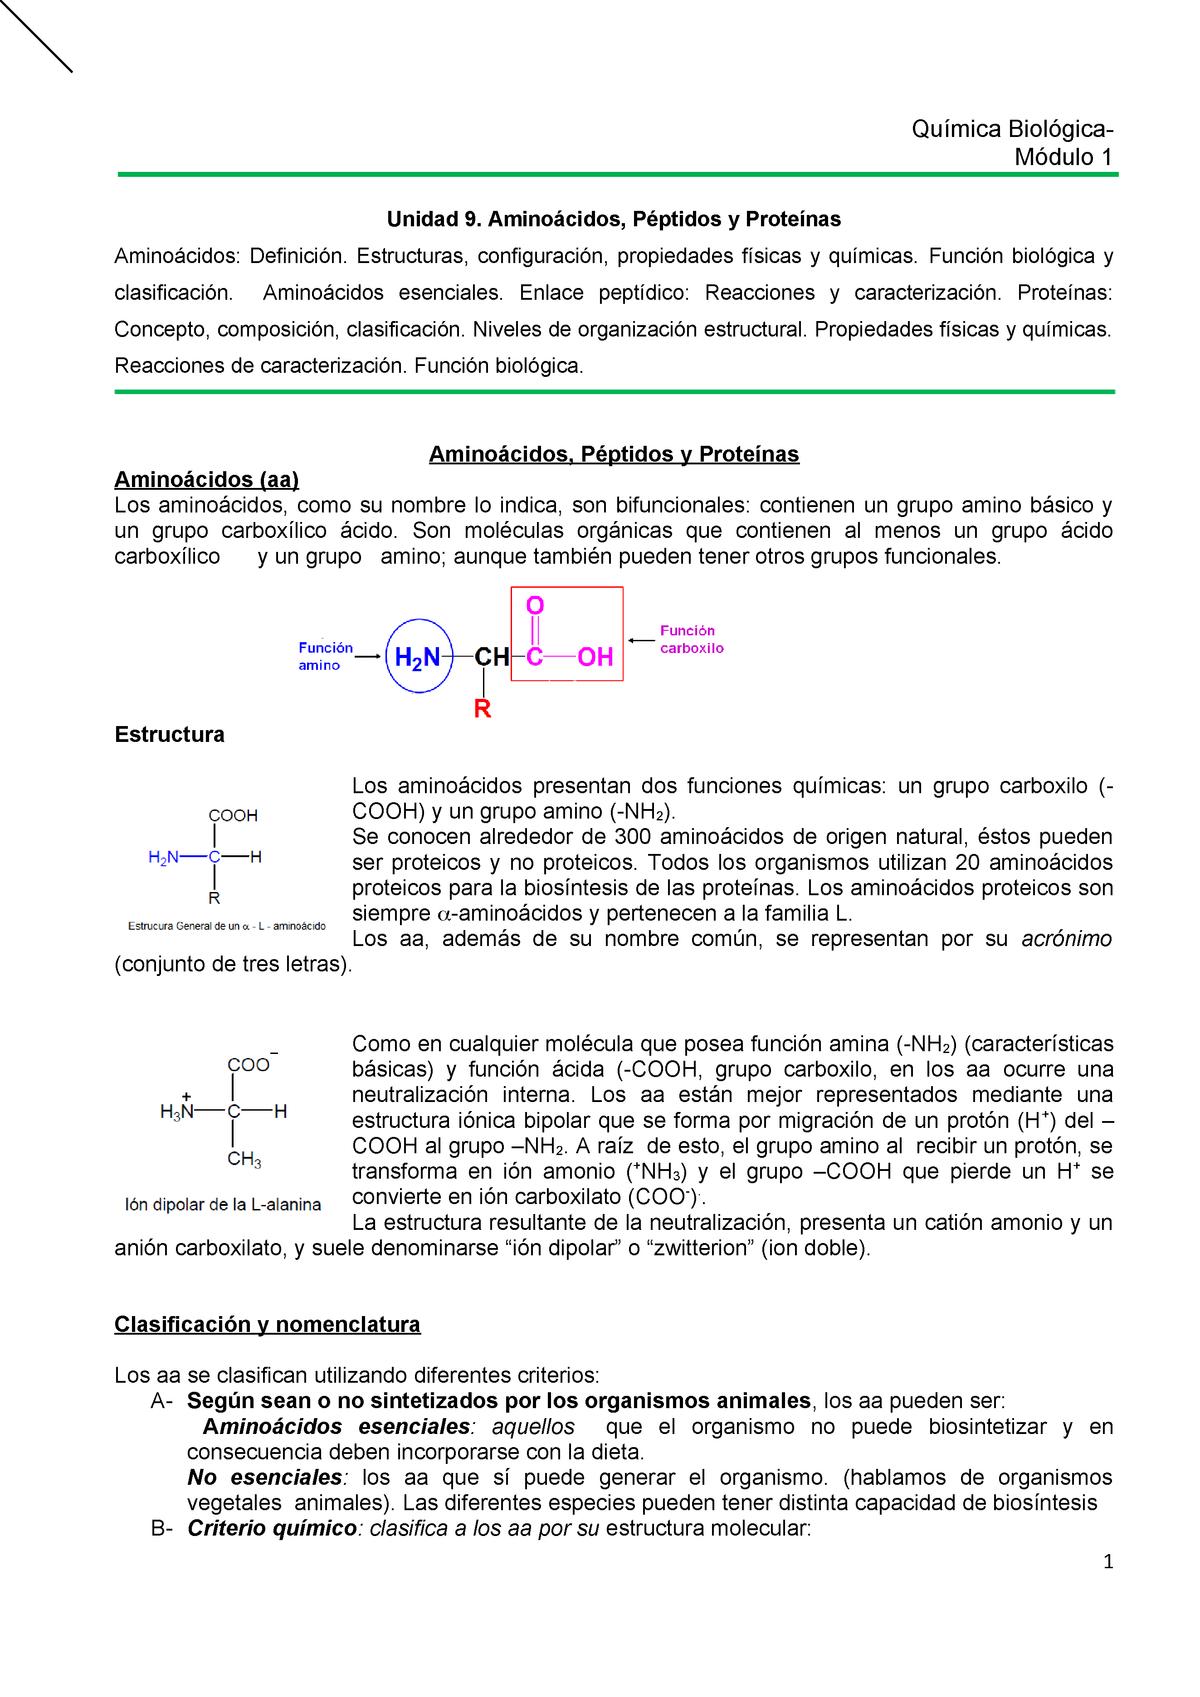 Unidad 9 Aa Peptidos Y Proteinas Química Biológica Studocu